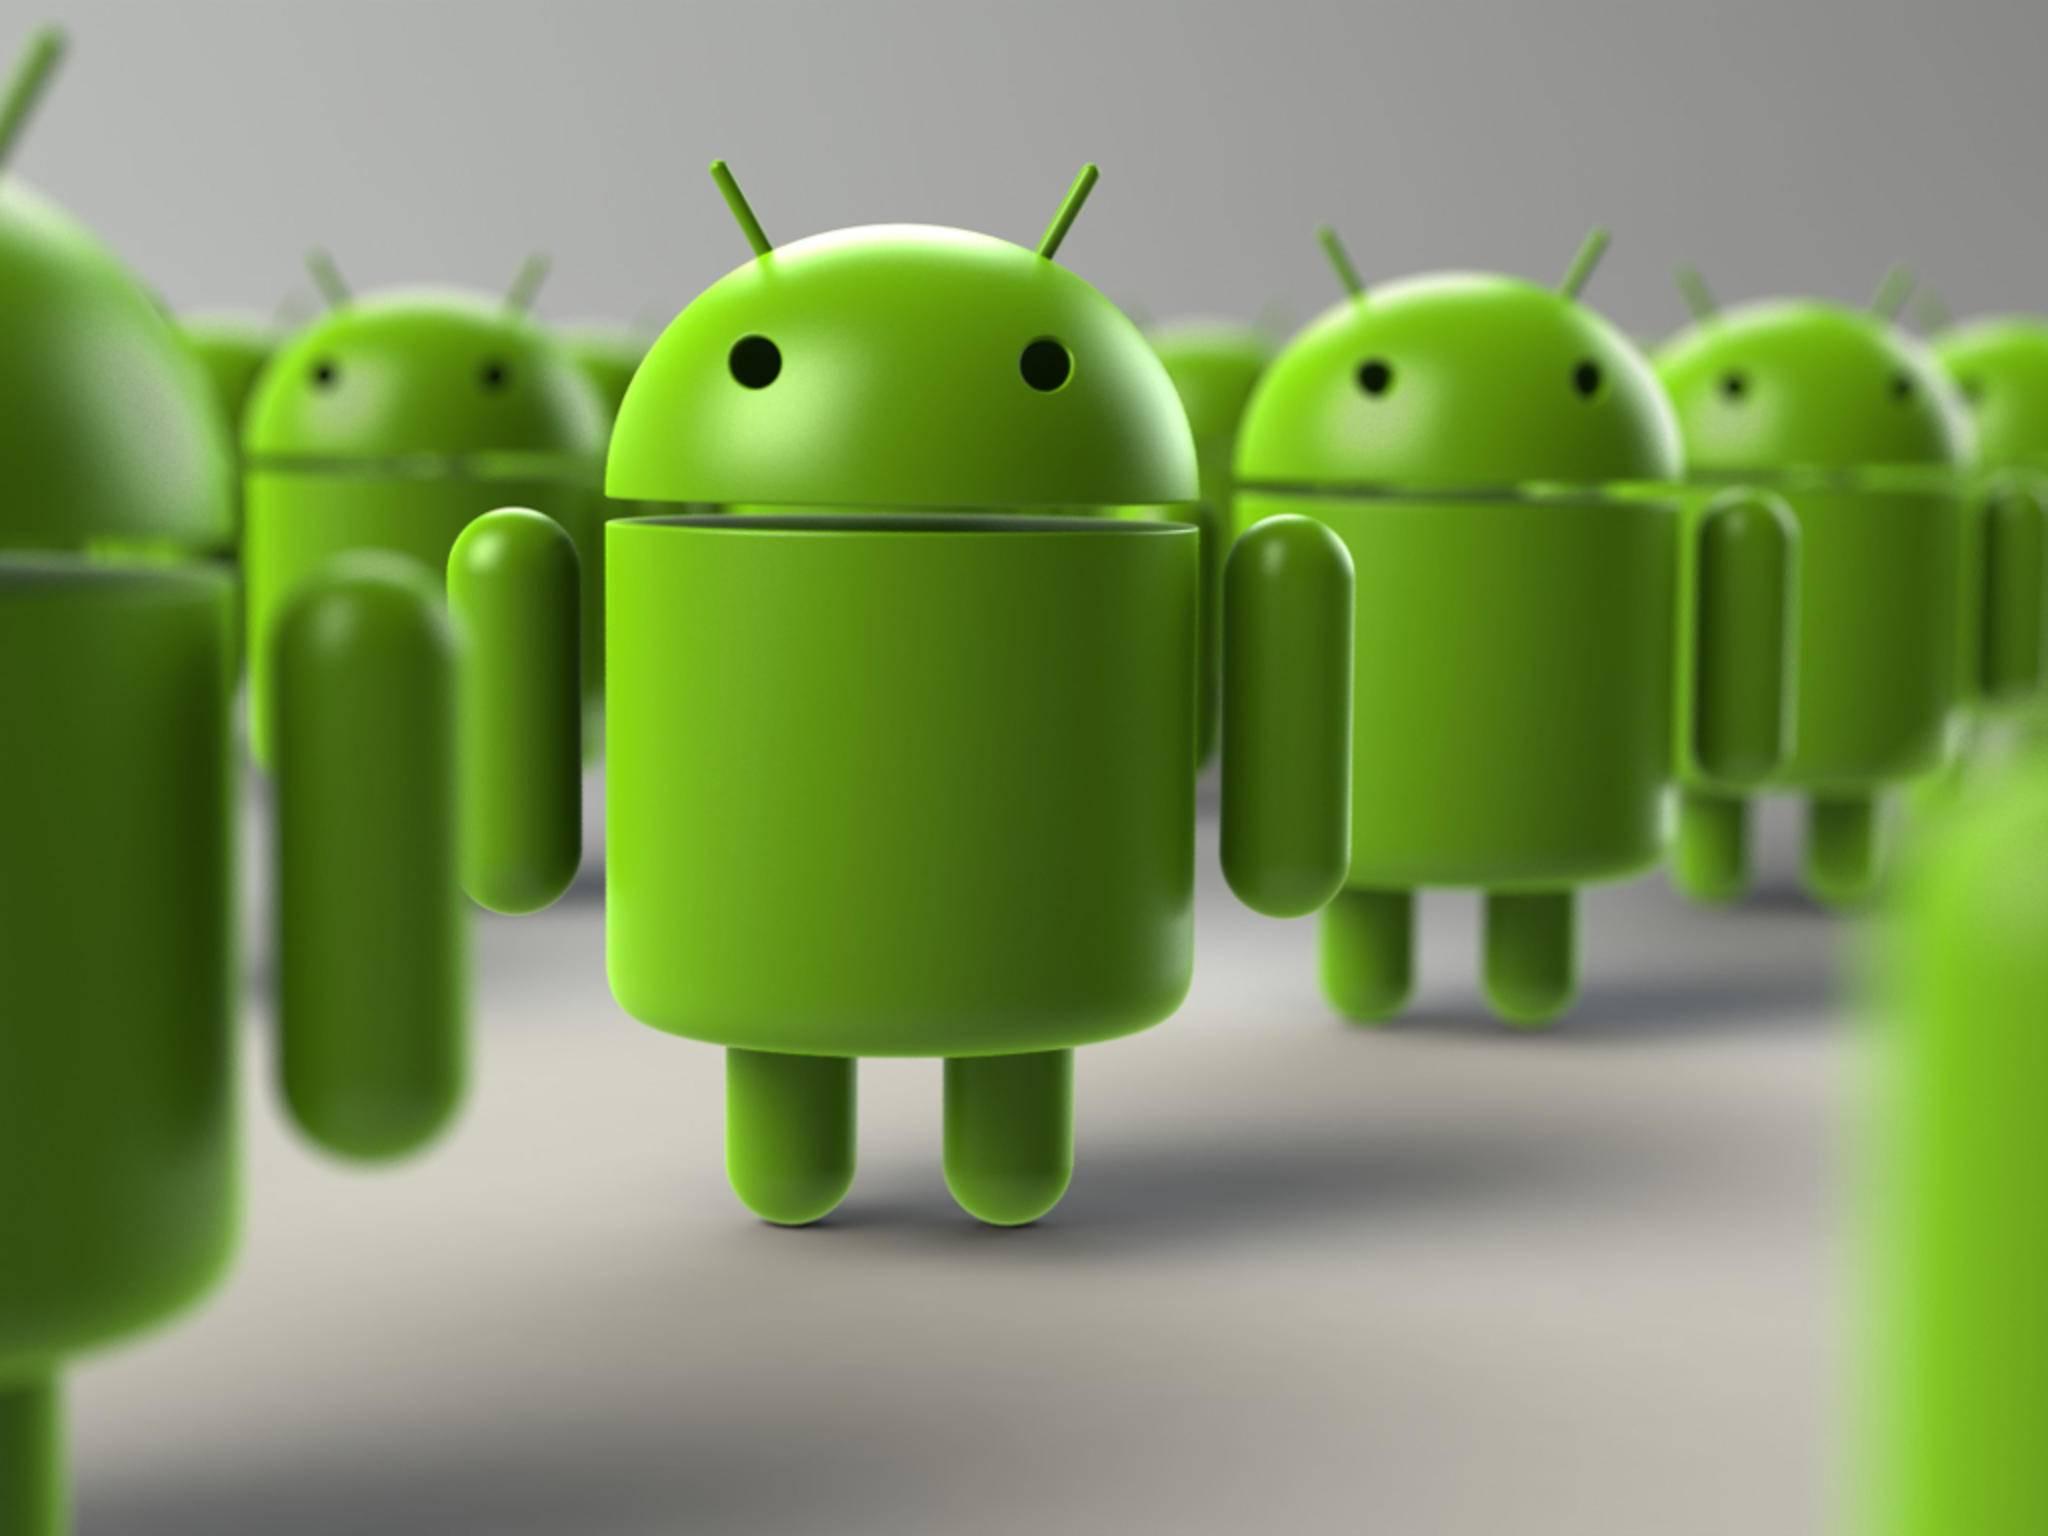 Maskottchen des Betriebssystems Android